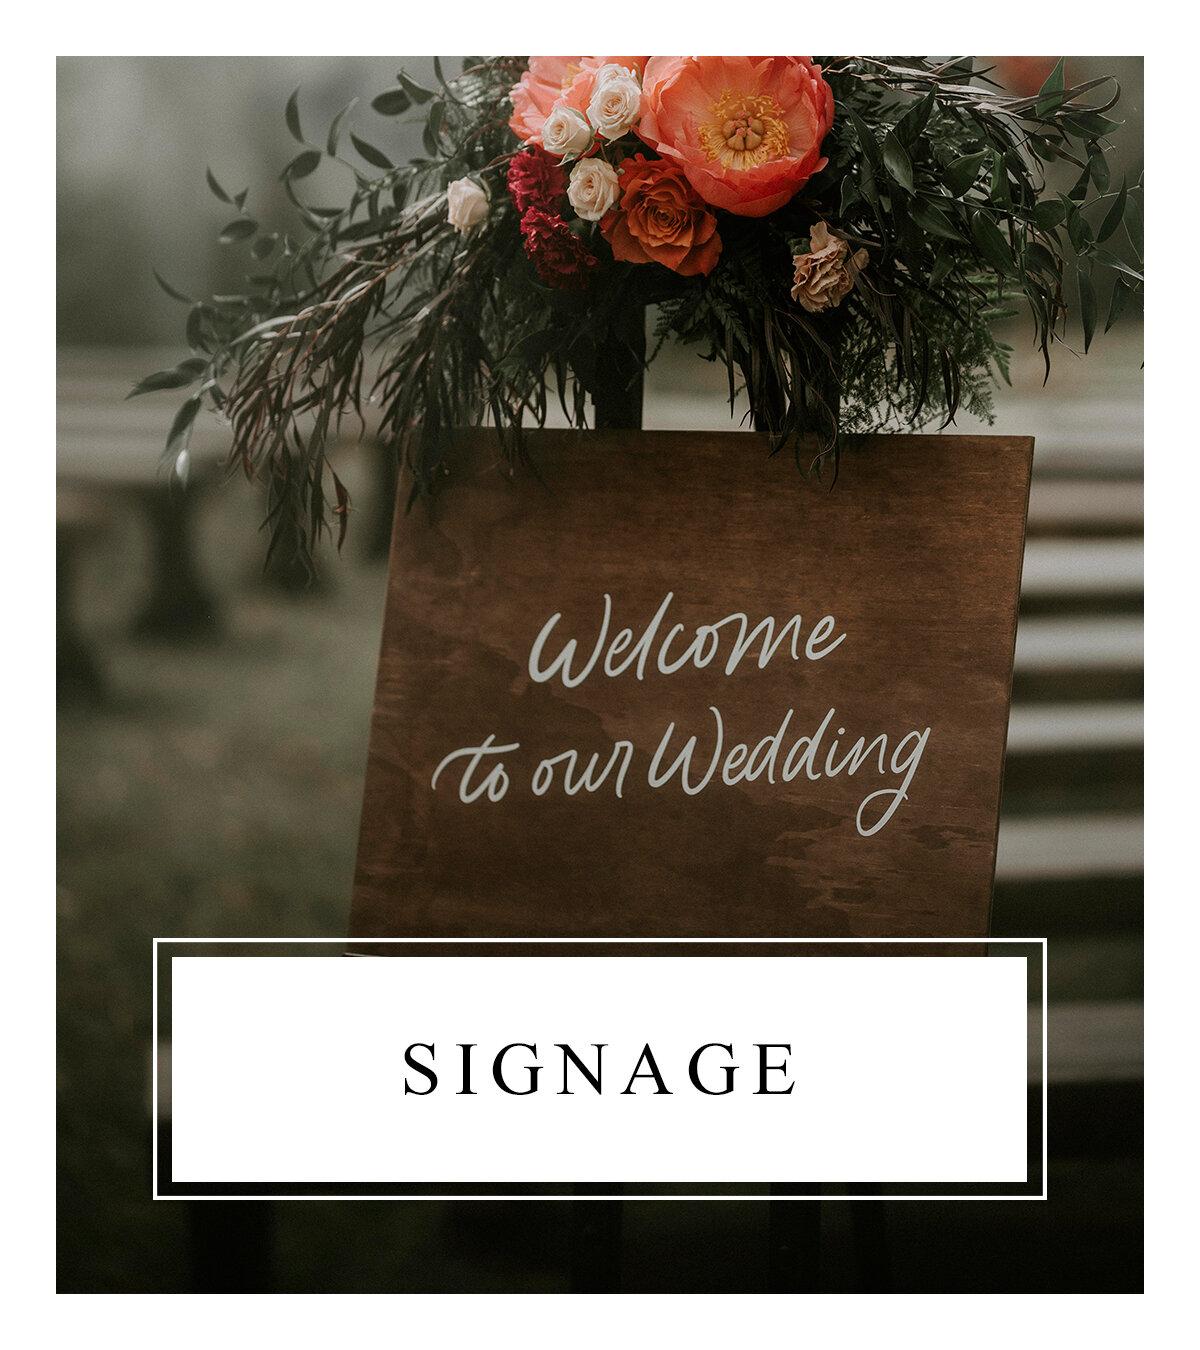 Bronte Bride - Alberta Wedding Vendor Guide - Signage